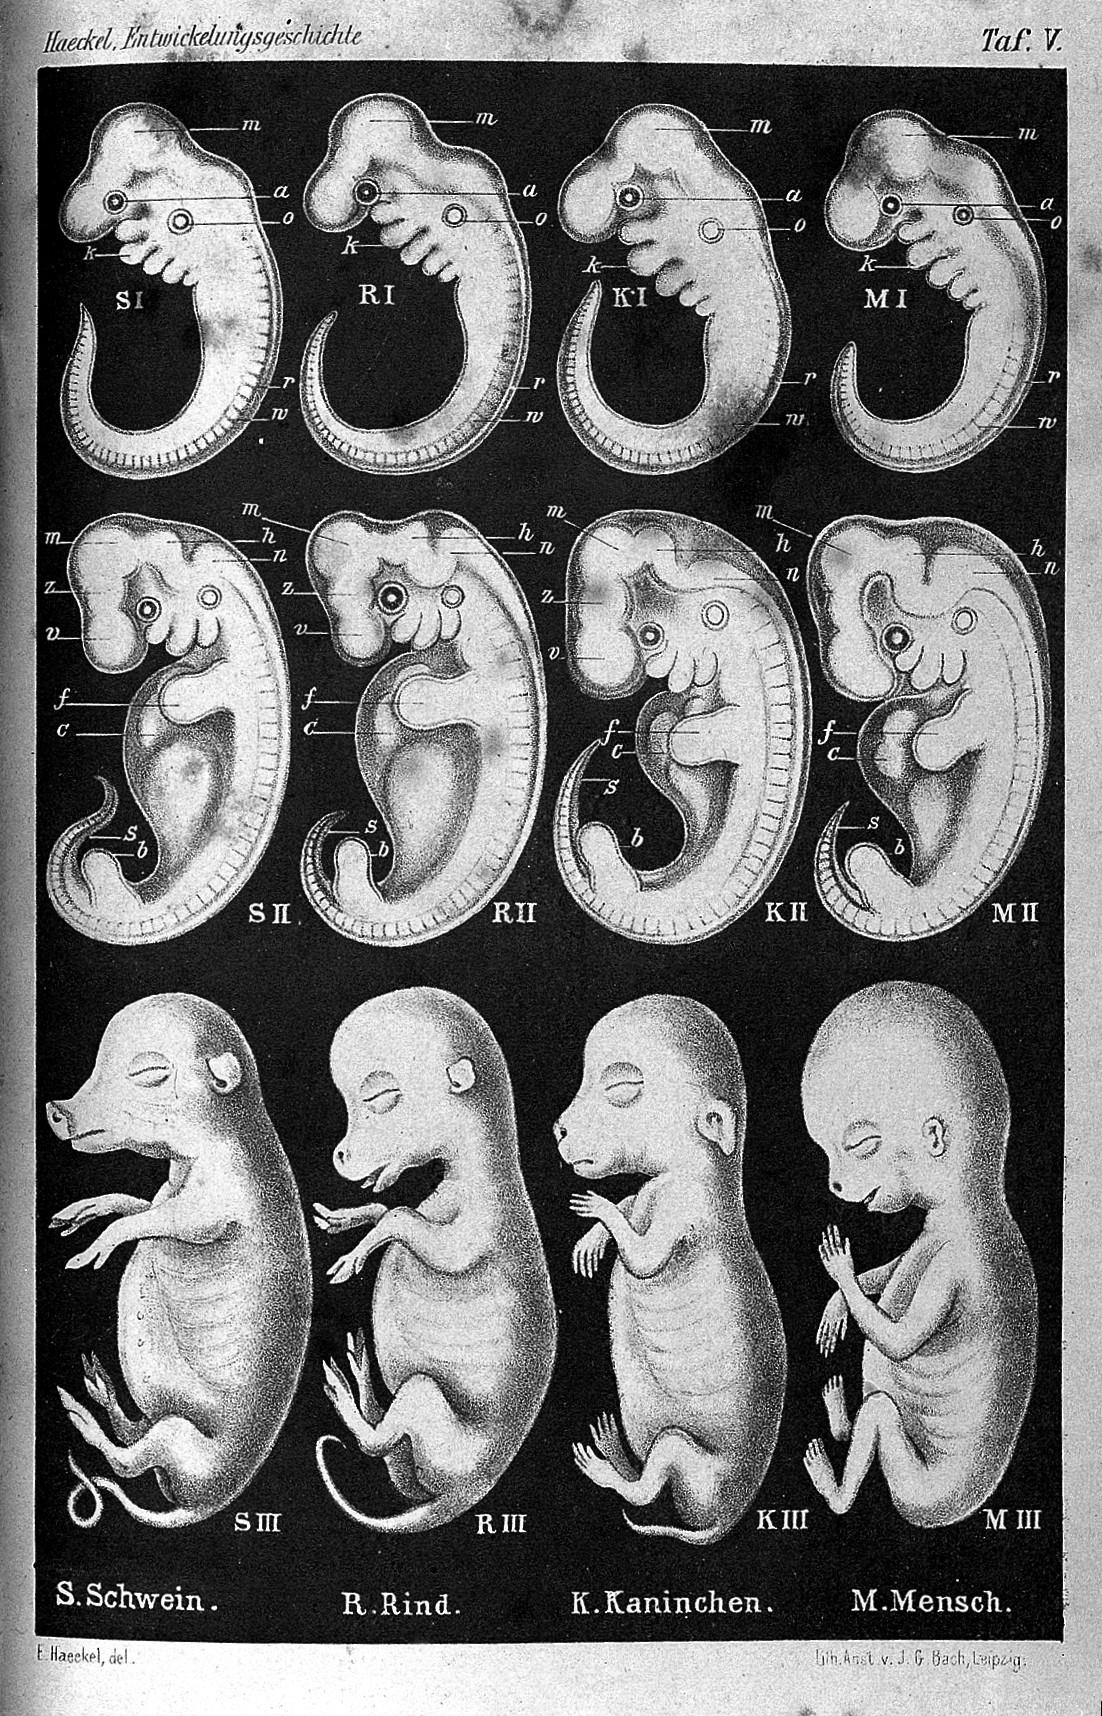 Ernst_Haeckel,_Anthropogenie._Wellcome_L0027291.jpg